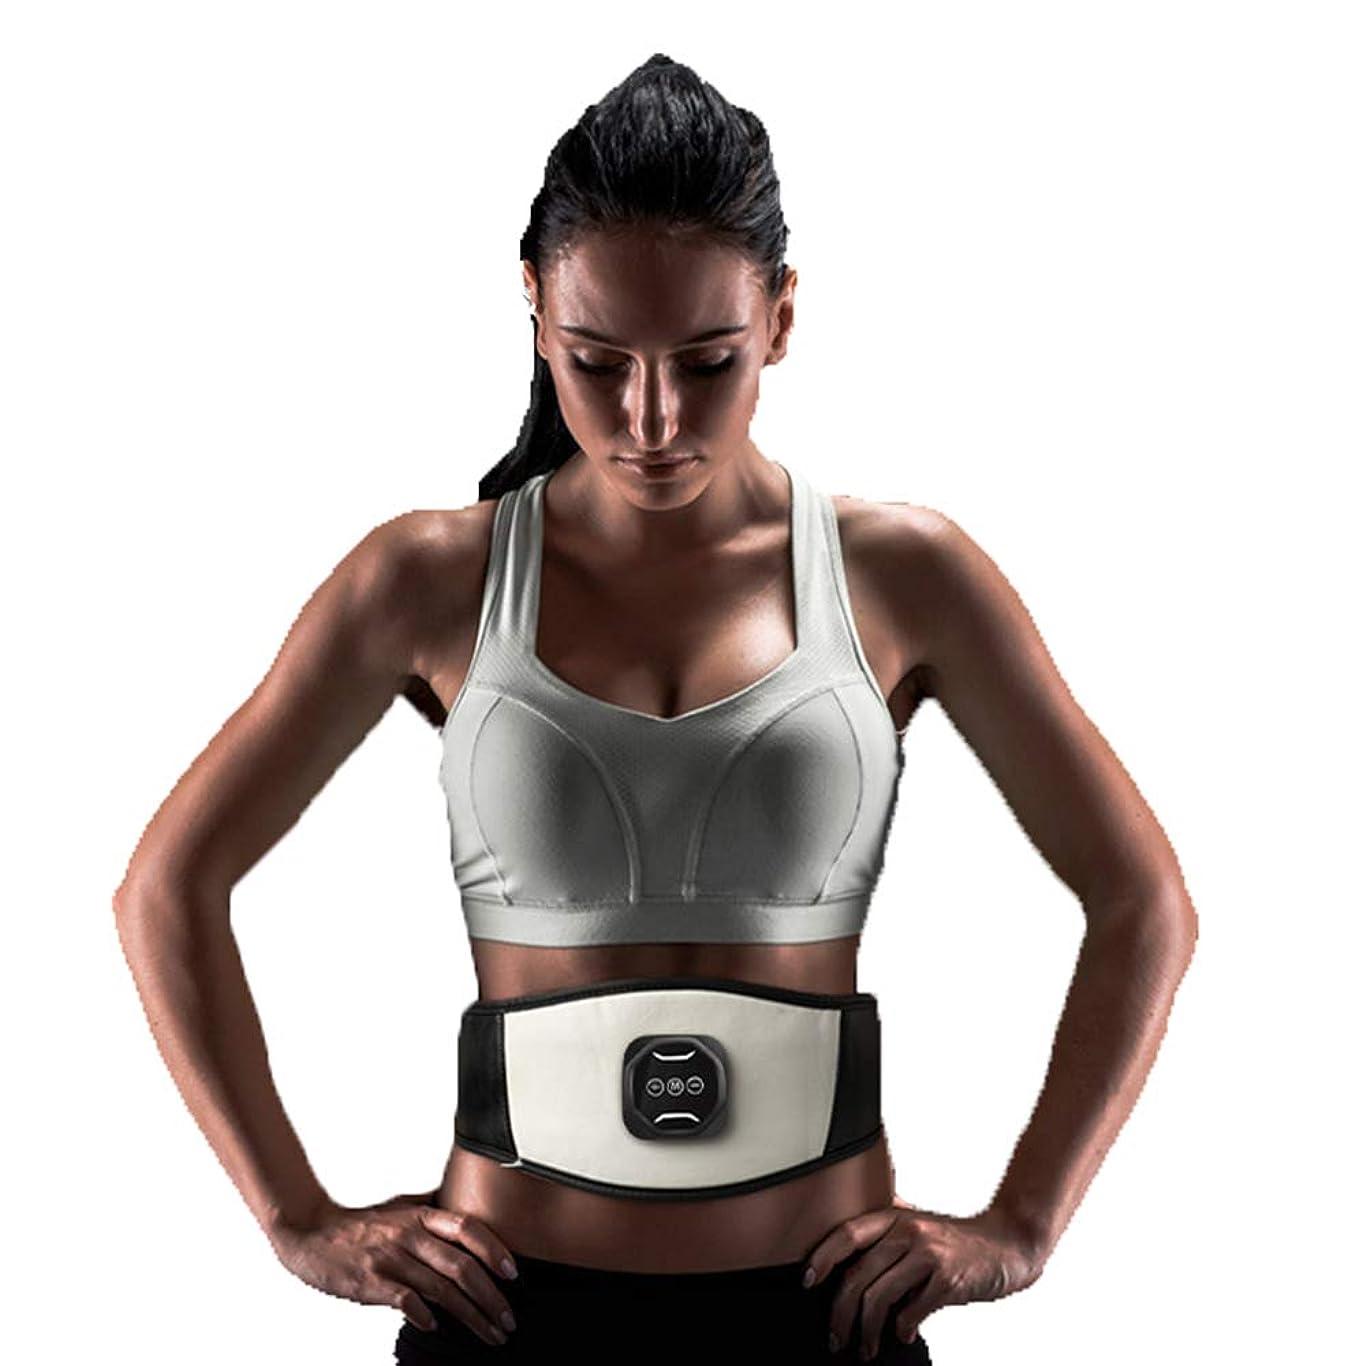 不足信じるサンダルスマートワイヤレス腹筋ペーストEMS筋肉刺激装置薄い腹部腹部マシンUSB電気ベルト腹部機器全身体重減少運動フィットネス機器ユニセックス